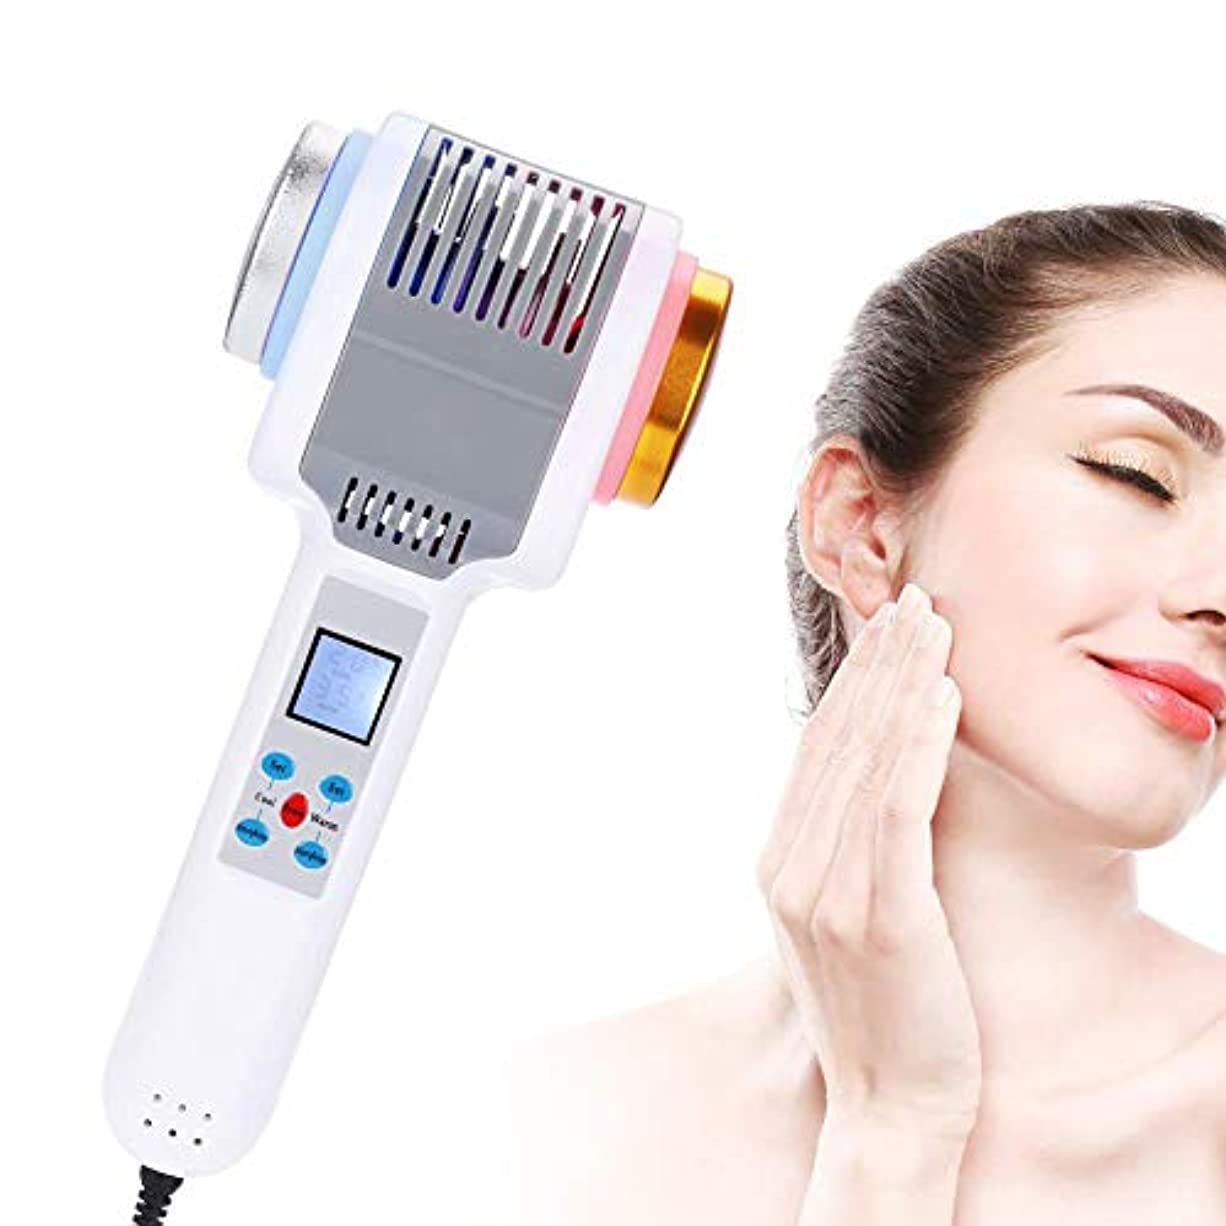 モール免疫洗剤光子療法機ホット&コールドハンマーアイスファイアダブルヘッド振動マッサージ美容機器削除しわ明るい顔の引き締め美容若返りツール